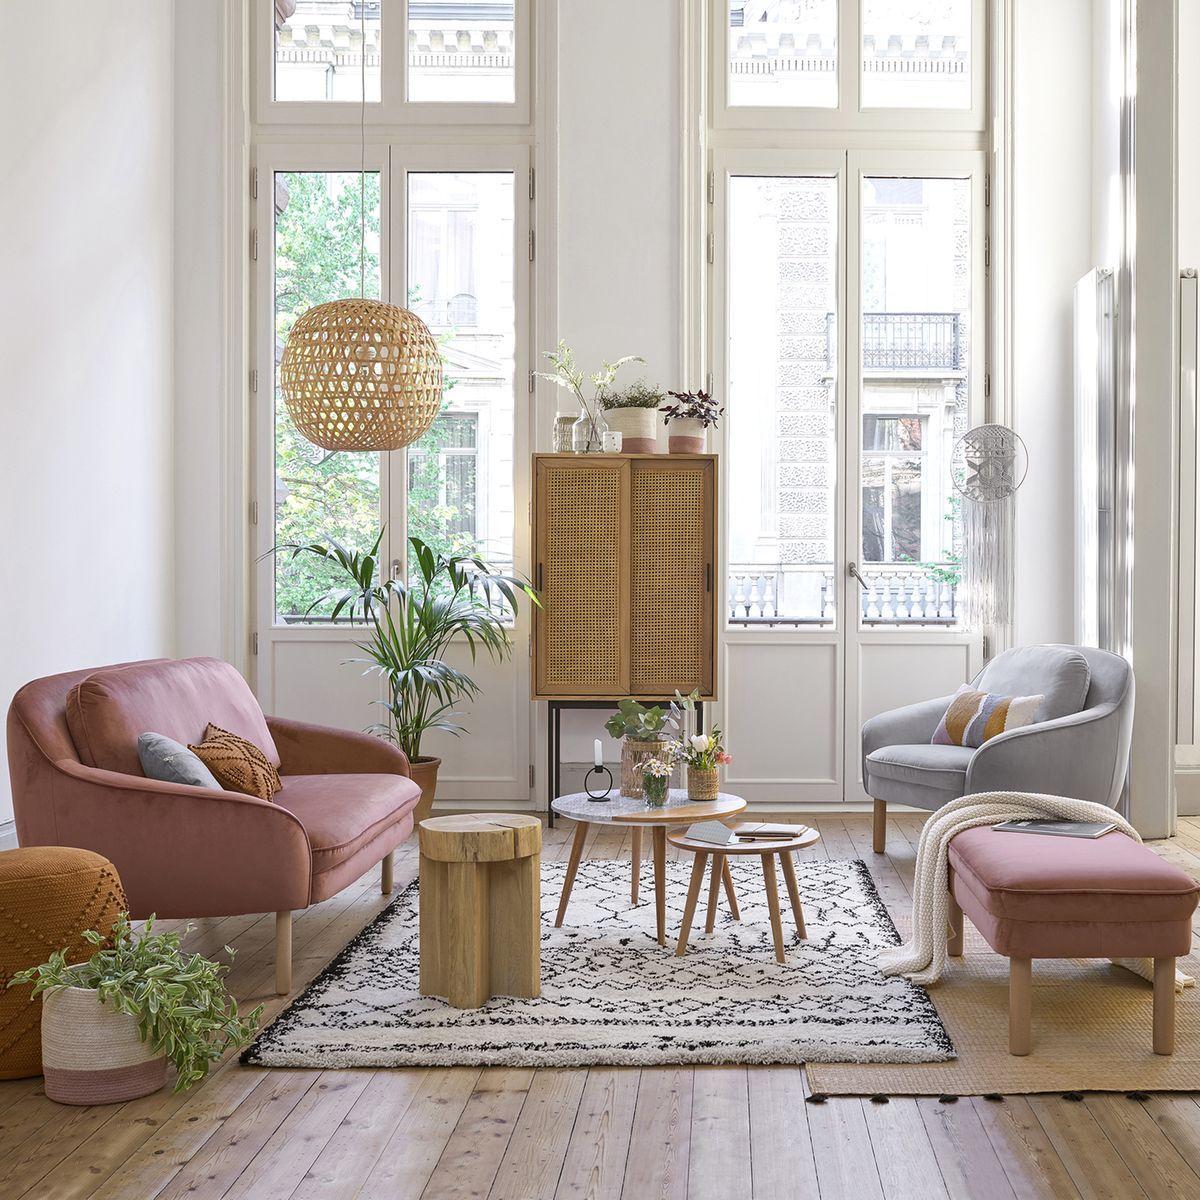 Petit Salon La Redoute Interieurs Meubles Petits Formats Idees De Decor Decoration Maison Deco